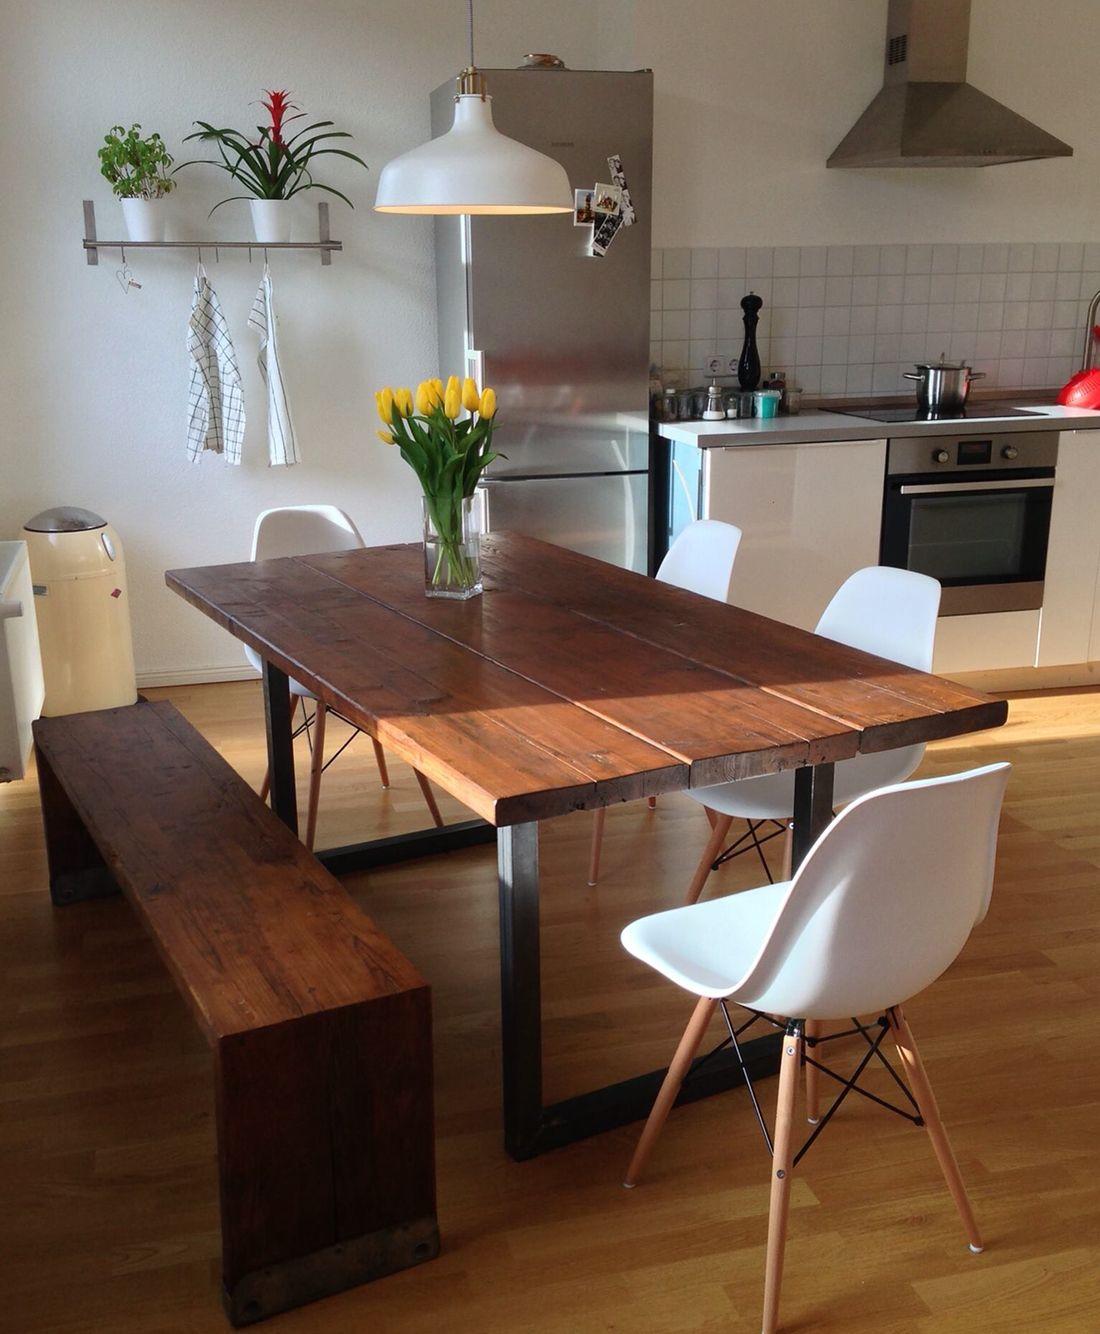 Esstisch aus Bohlen Holztisch   Küche tisch, Holztisch küche